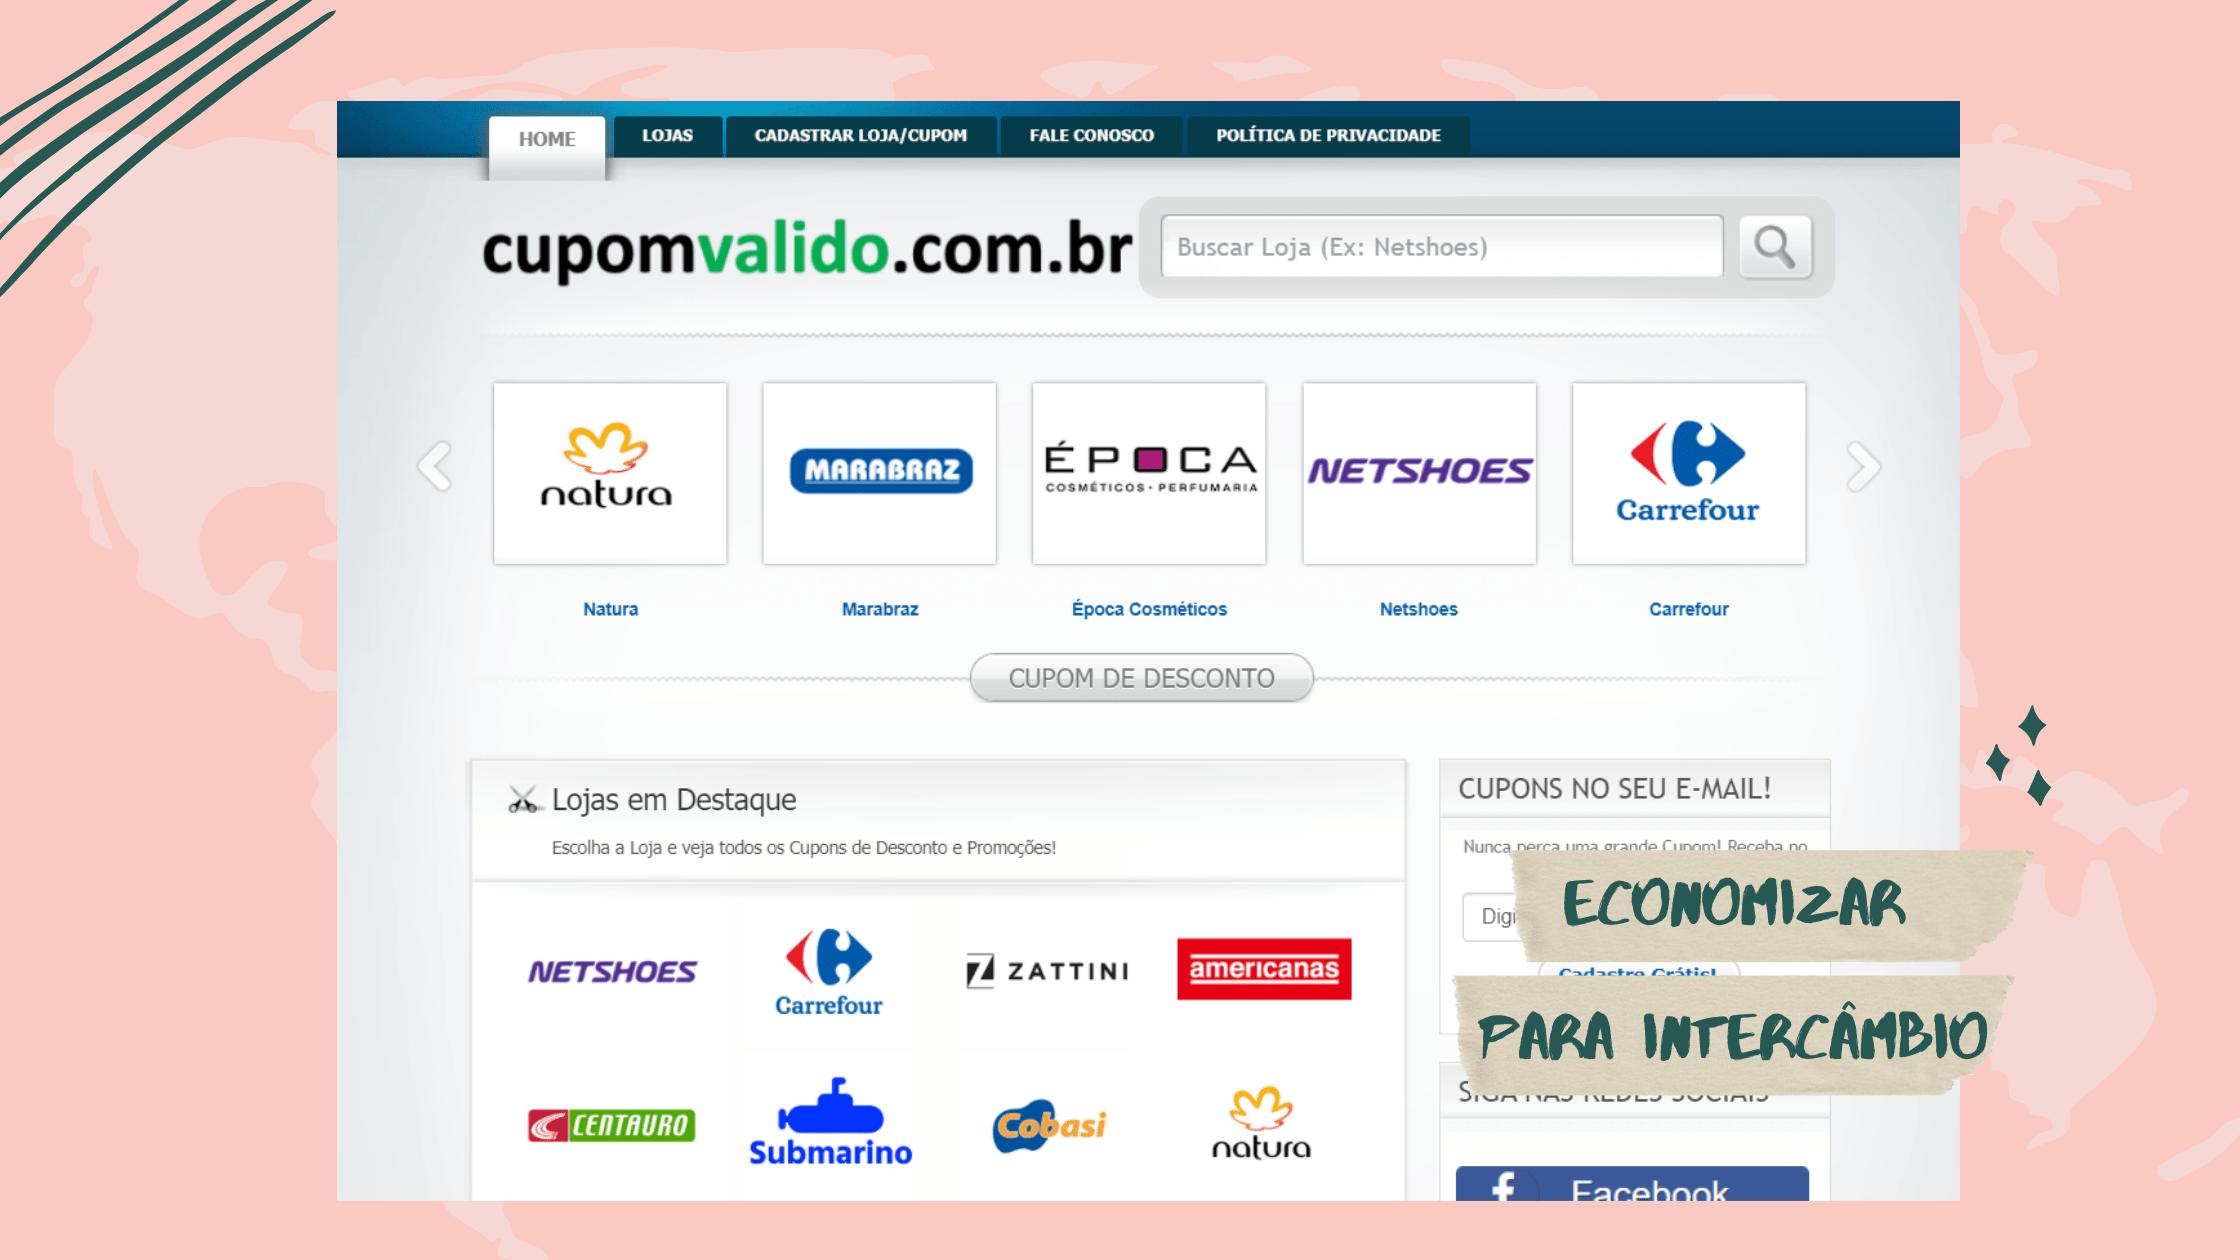 cupom-valido-economizar-online-intercambio